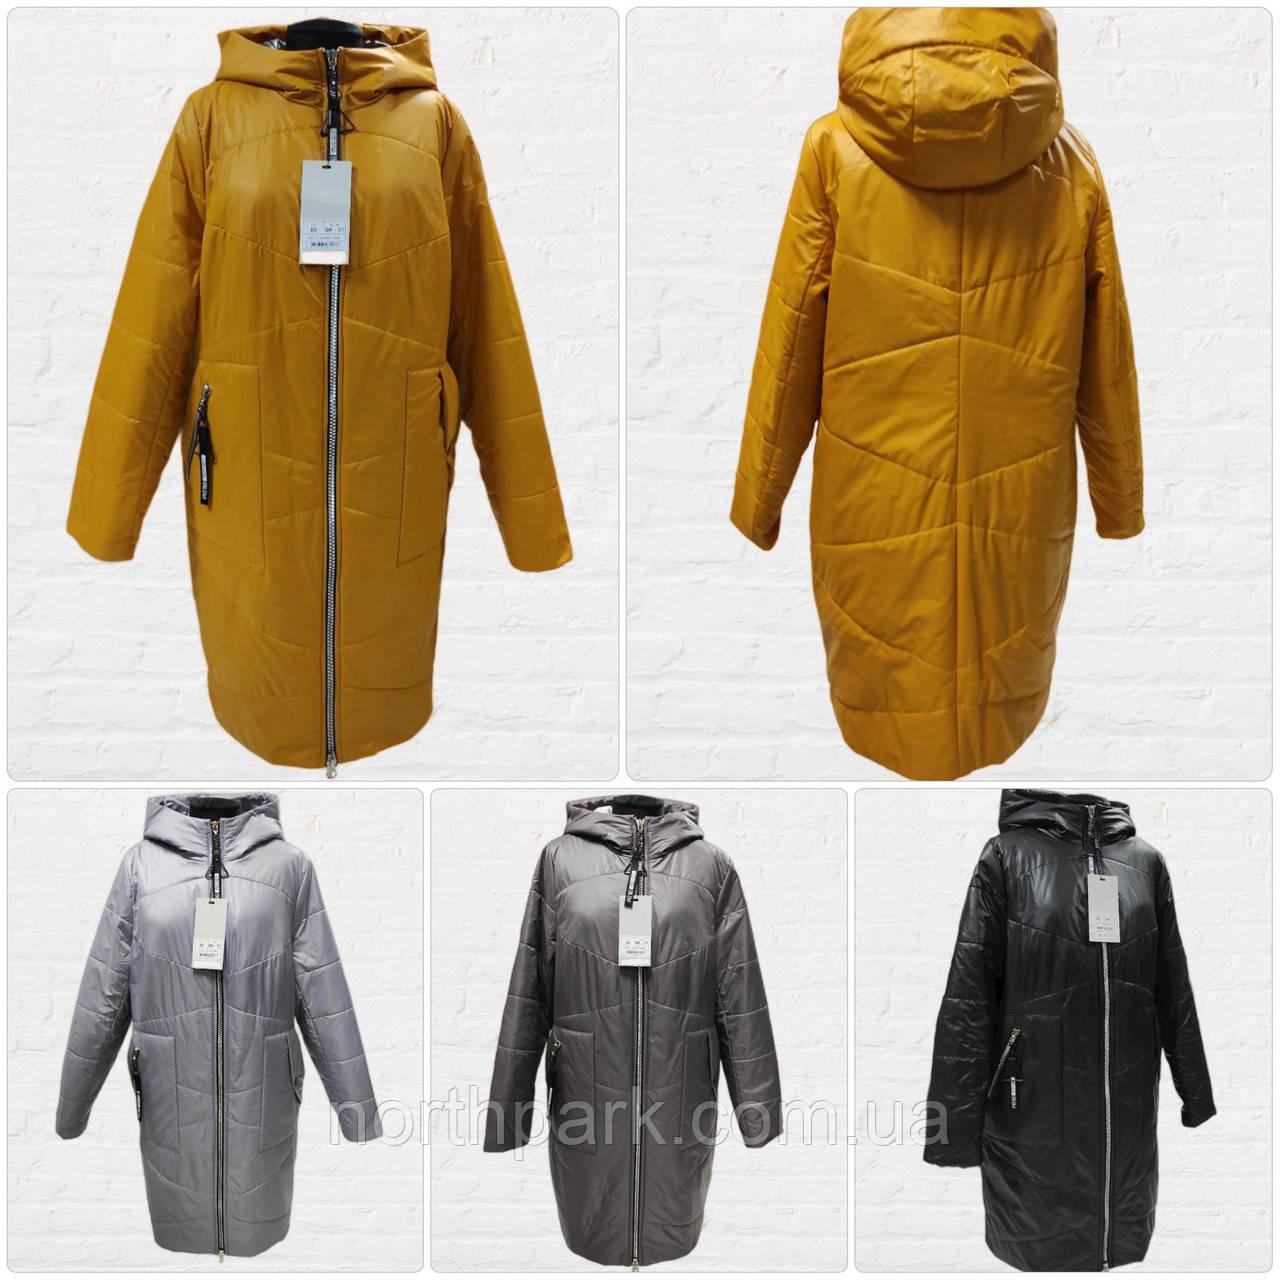 Жіноча демісезонна куртка-плащ великих розмірів Solo SK-31